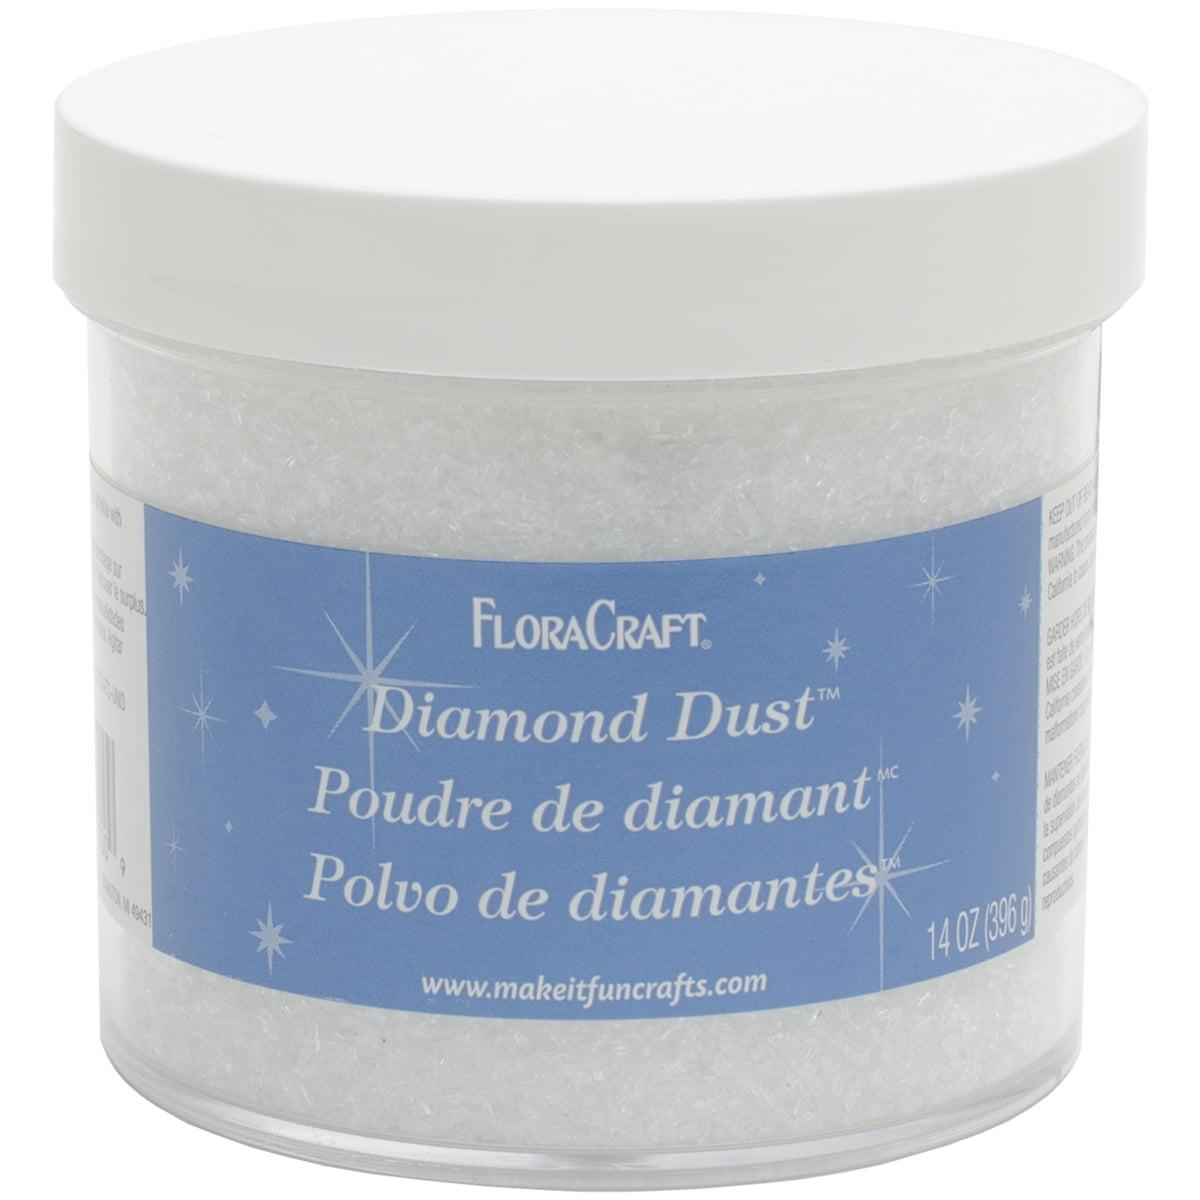 FloraCraft Diamond Dust Glitter Plastic Jar, 14-Ounce - image 1 de 2